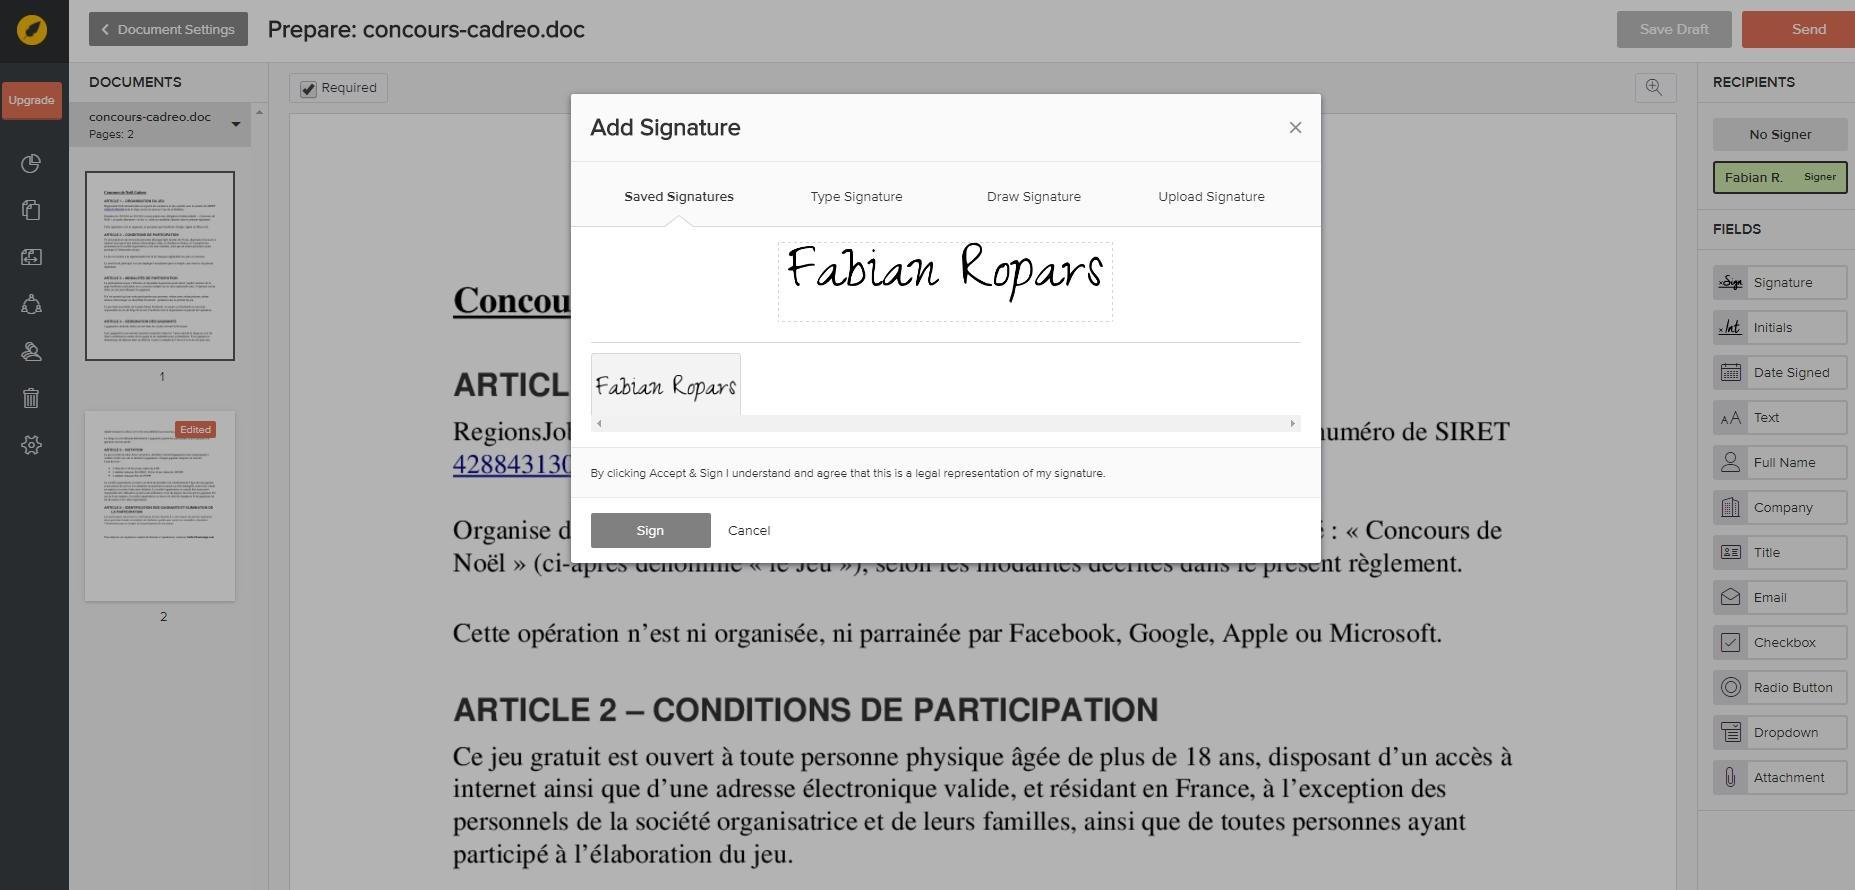 Bewertungen eversign: Die Lösung zur Verwaltung Ihrer elektronischen Signatur - appvizer